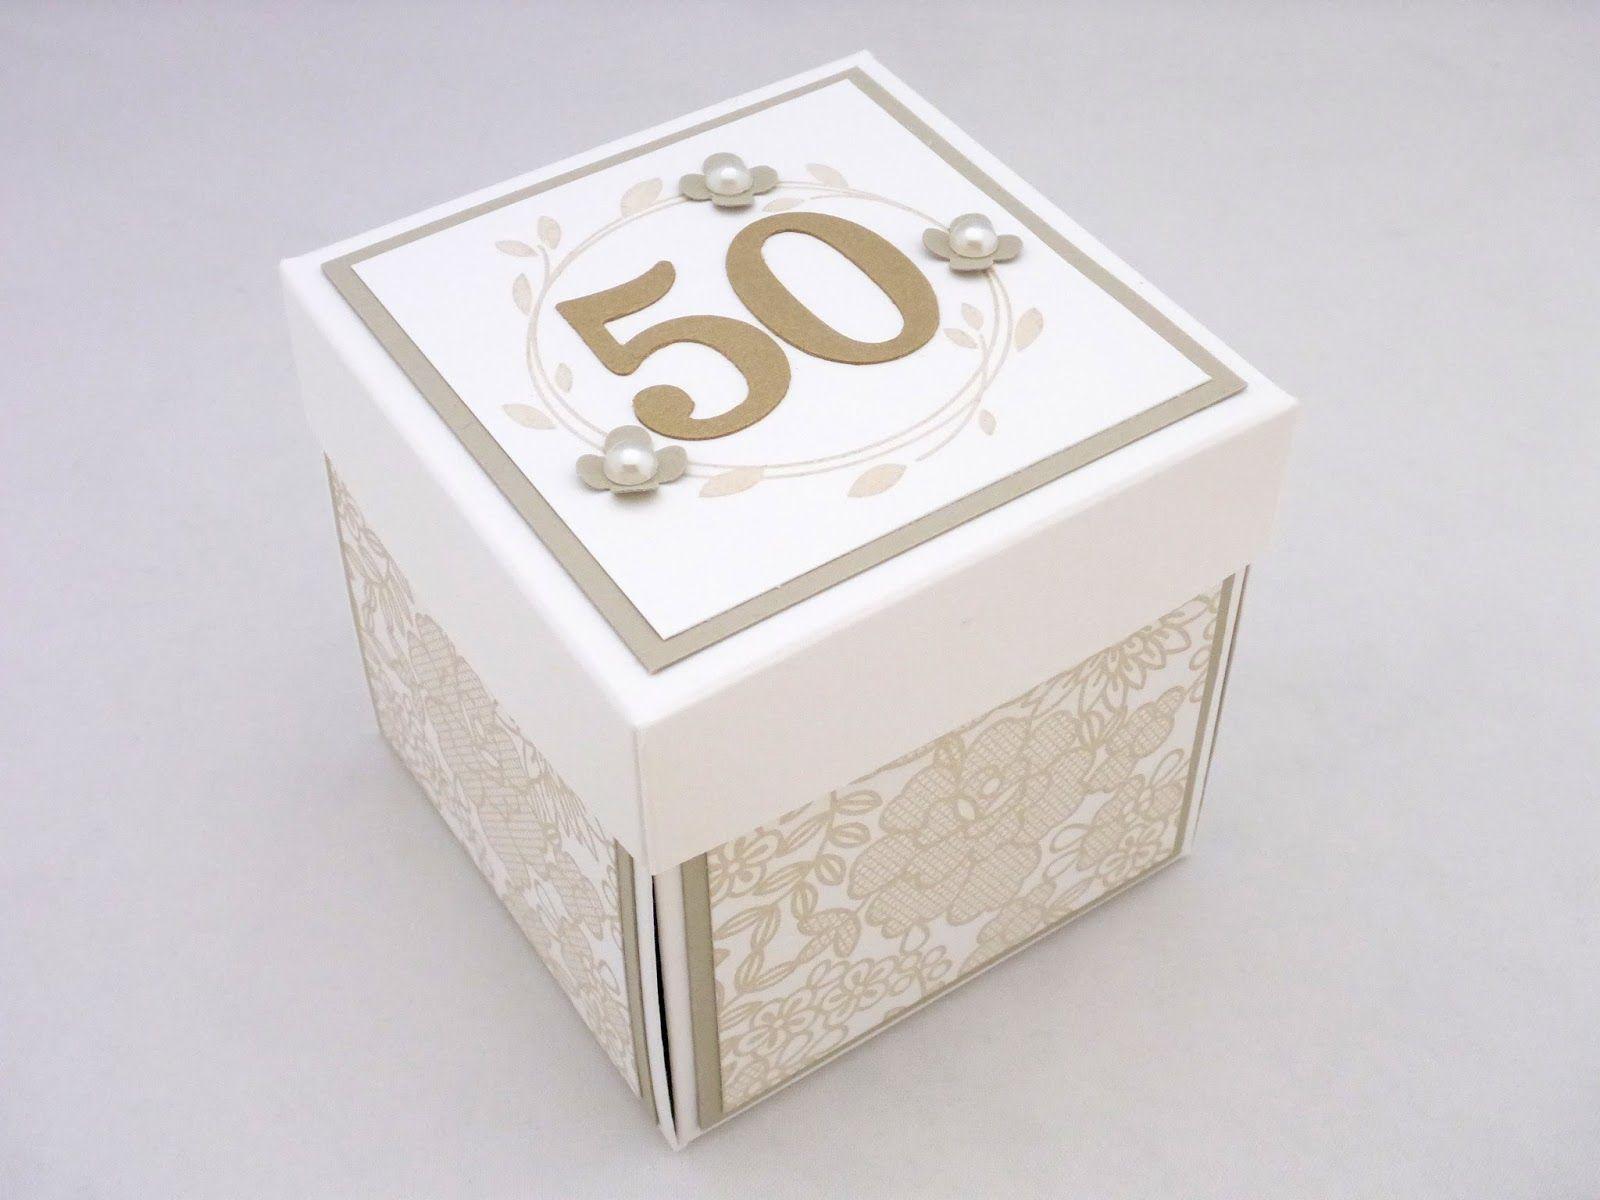 Die Goldene Hochzeit Meiner Eltern Habe Ich Dann Auch Gleich Zum Anlass Genommen Meine Er Geschenkbox Hochzeit Geschenke Zur Goldenen Hochzeit Goldene Hochzeit